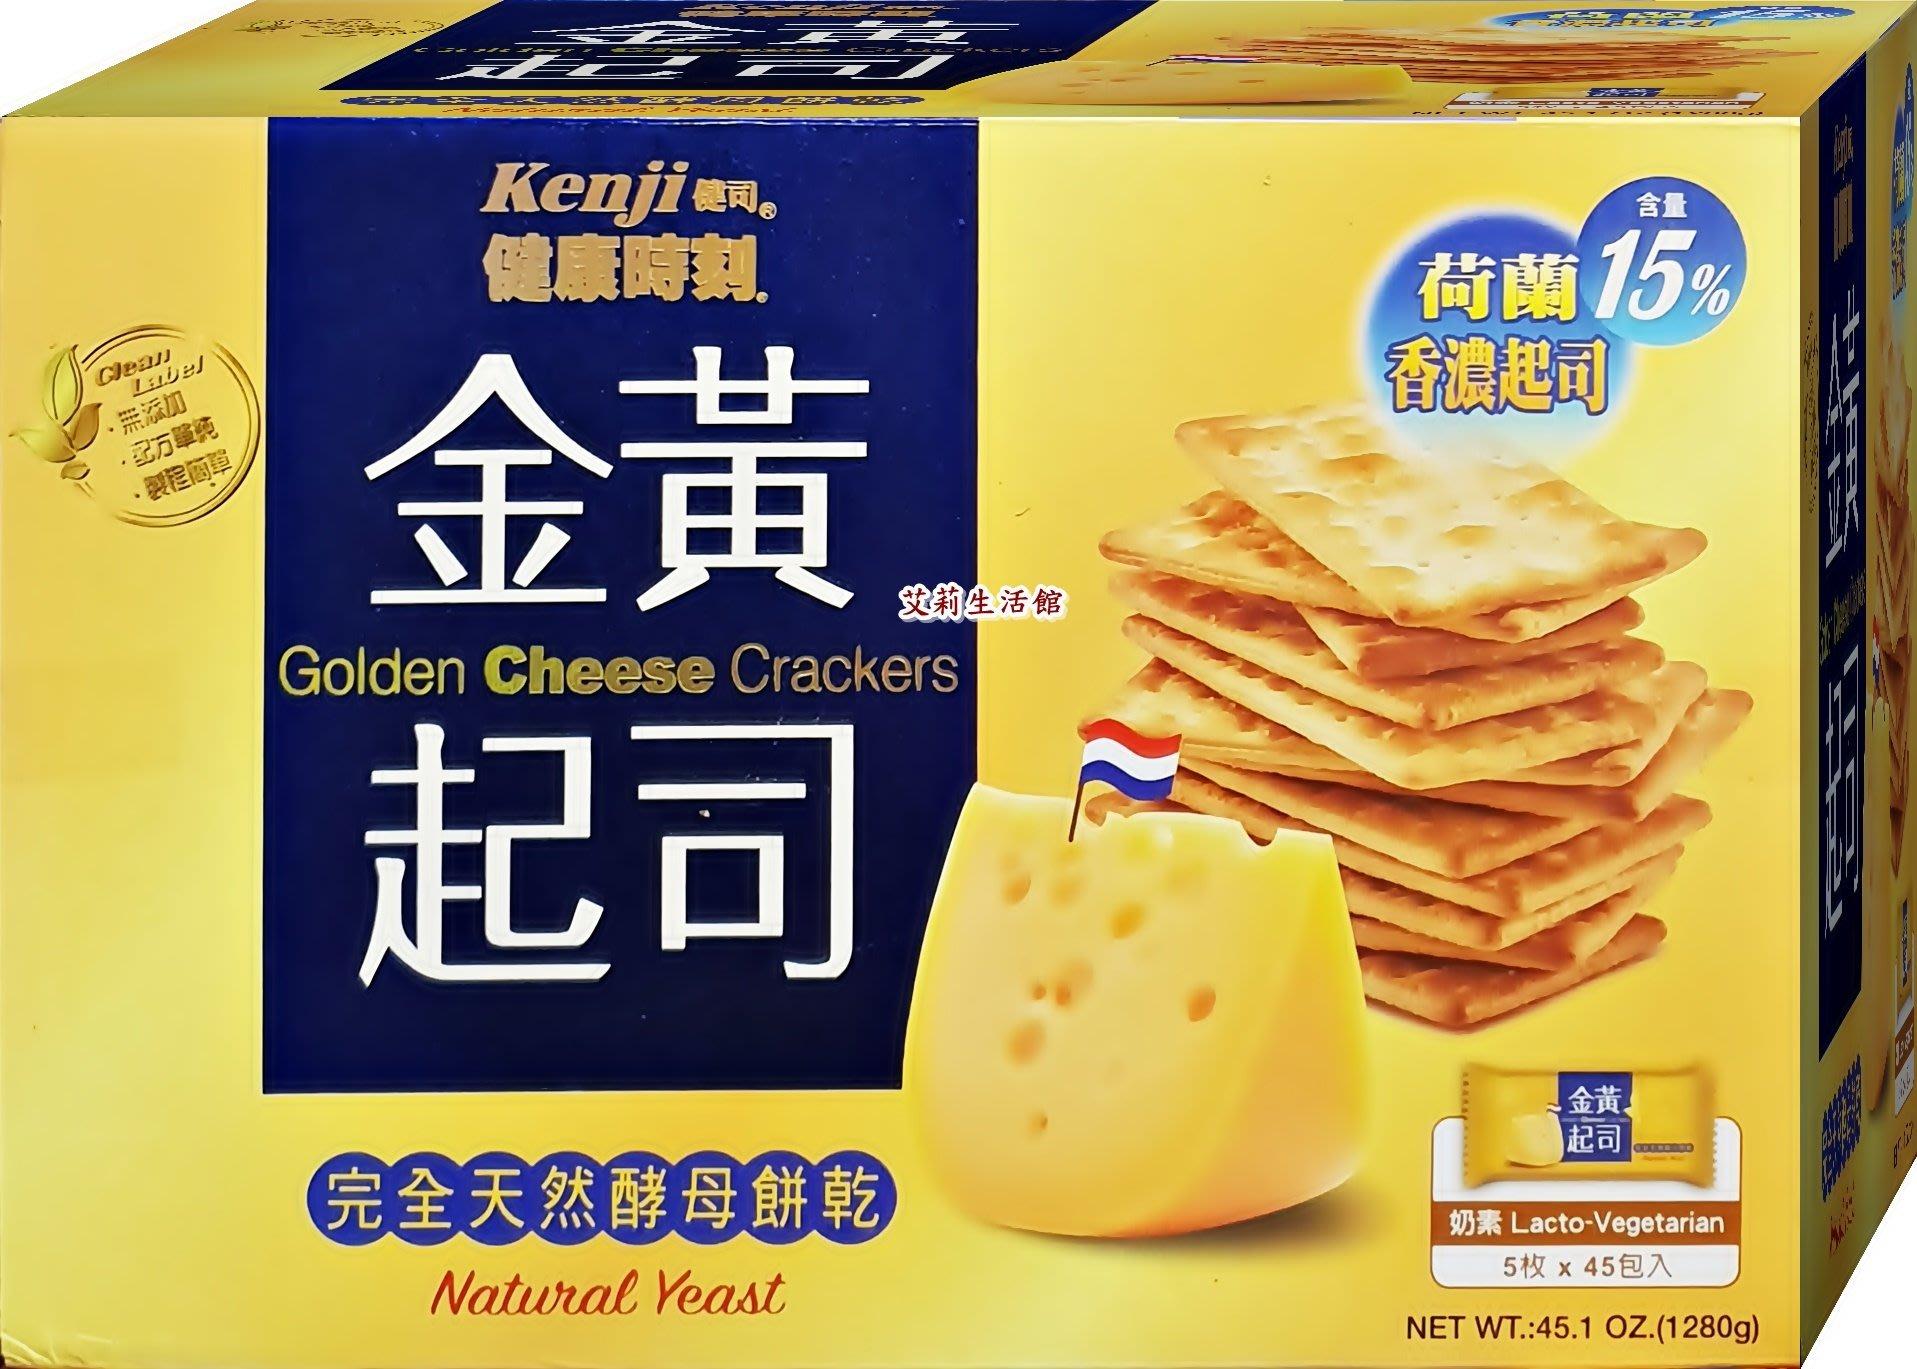 【艾莉生活館】COSTCO KENJI 健司 健康時刻-金黃起司餅乾(1280g/盒)《㊣附發票》